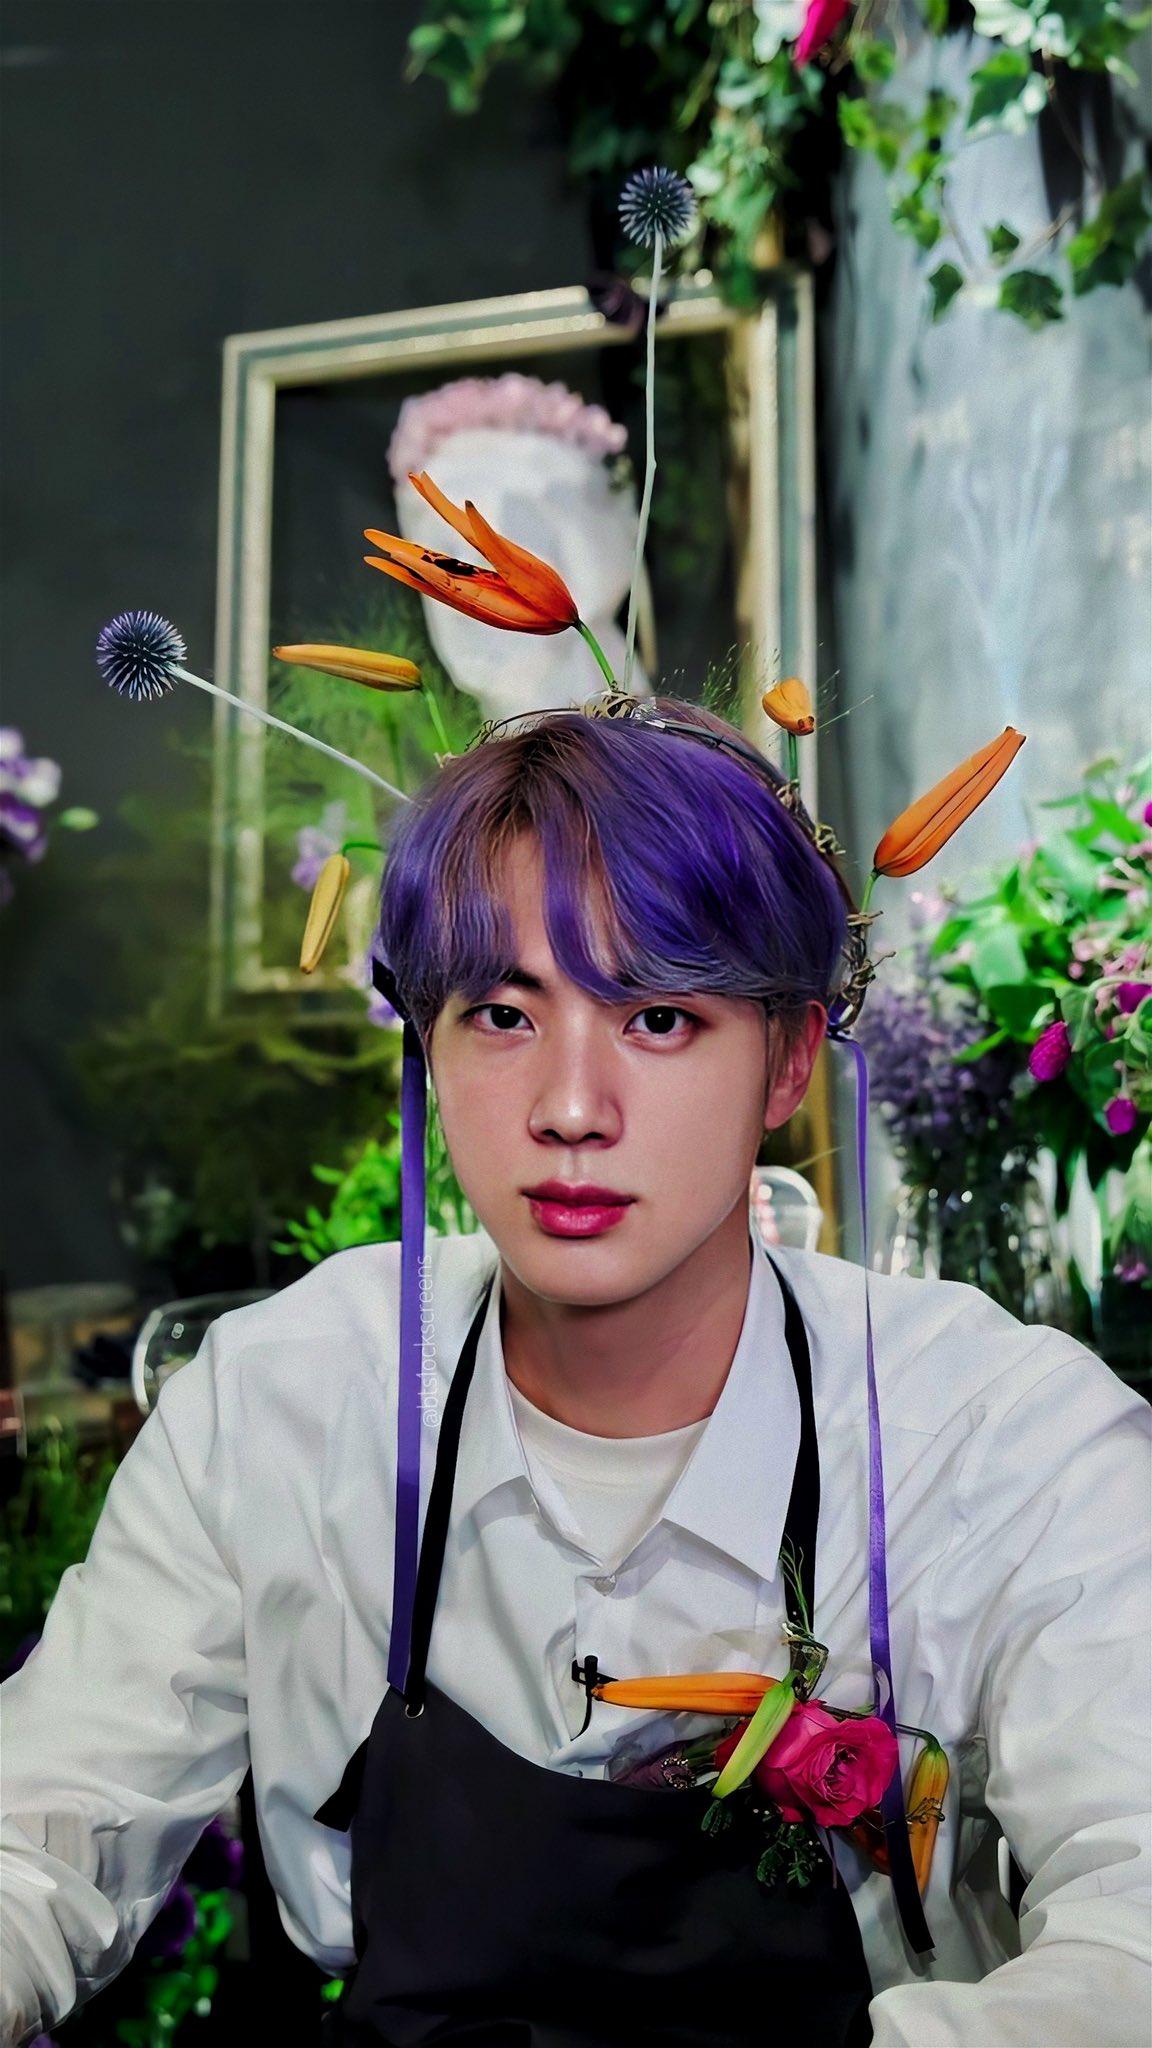 ดอกไม้ประจำวันเกิด BTS - จิน